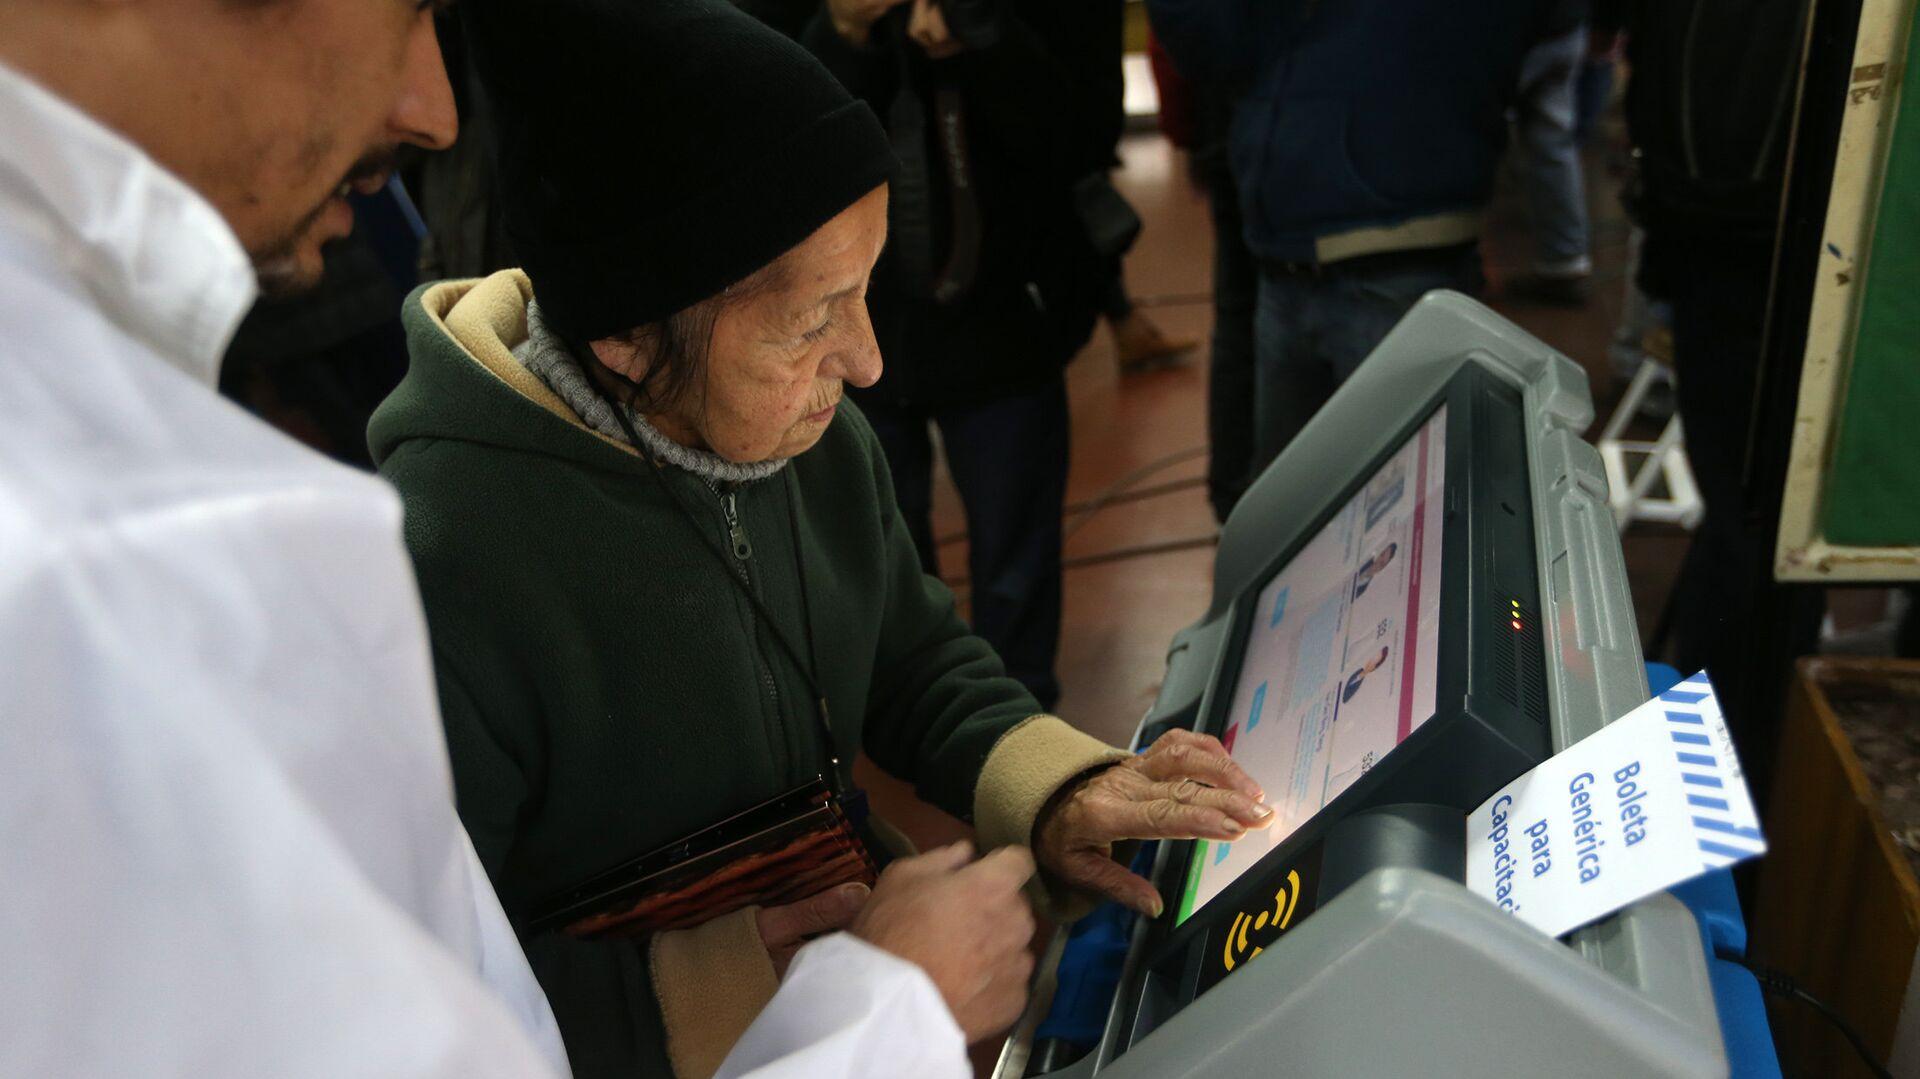 Una anciana argentina usando una máquina de voto electrónico (archivo) - Sputnik Mundo, 1920, 17.08.2021